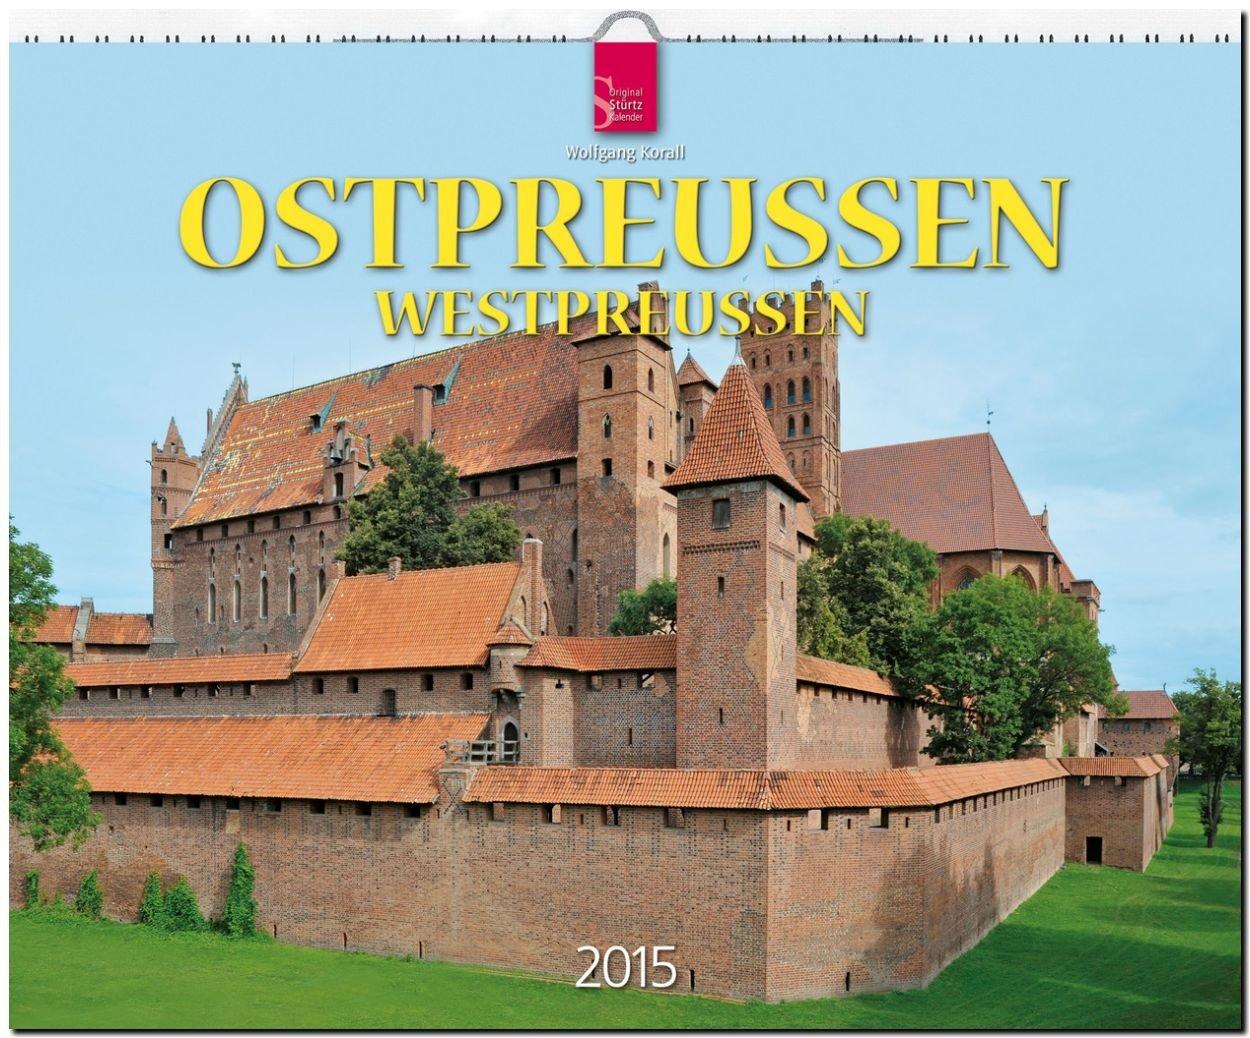 ostpreussen-westpreussen-2015-original-strtz-kalender-grossformat-kalender-60-x-48-cm